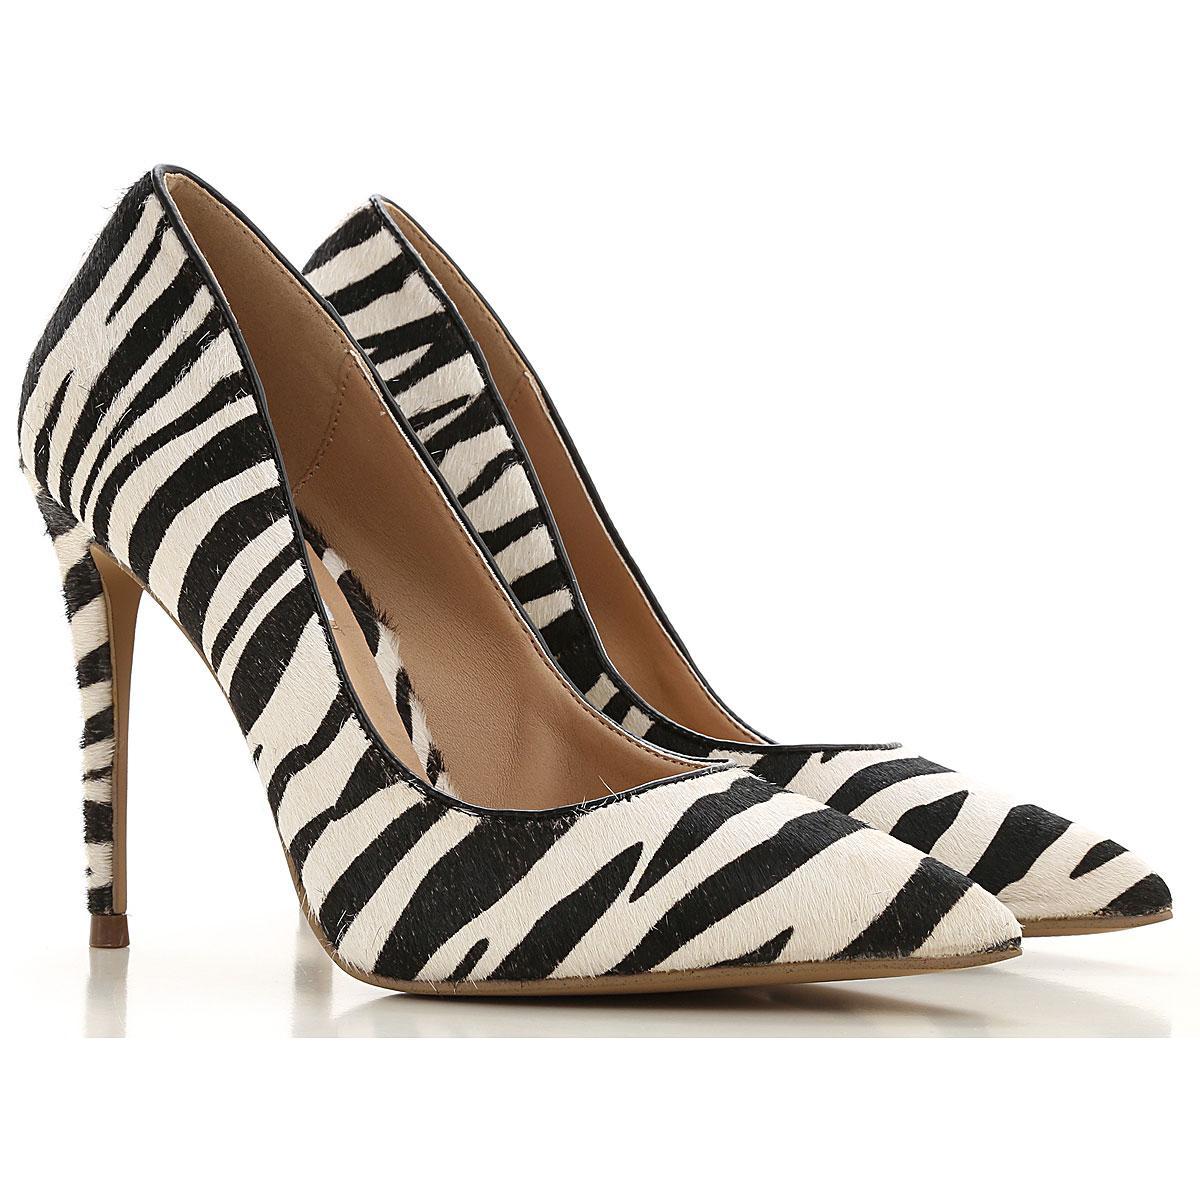 8343ee0e64e Steve Madden Shoes For Women - Lyst